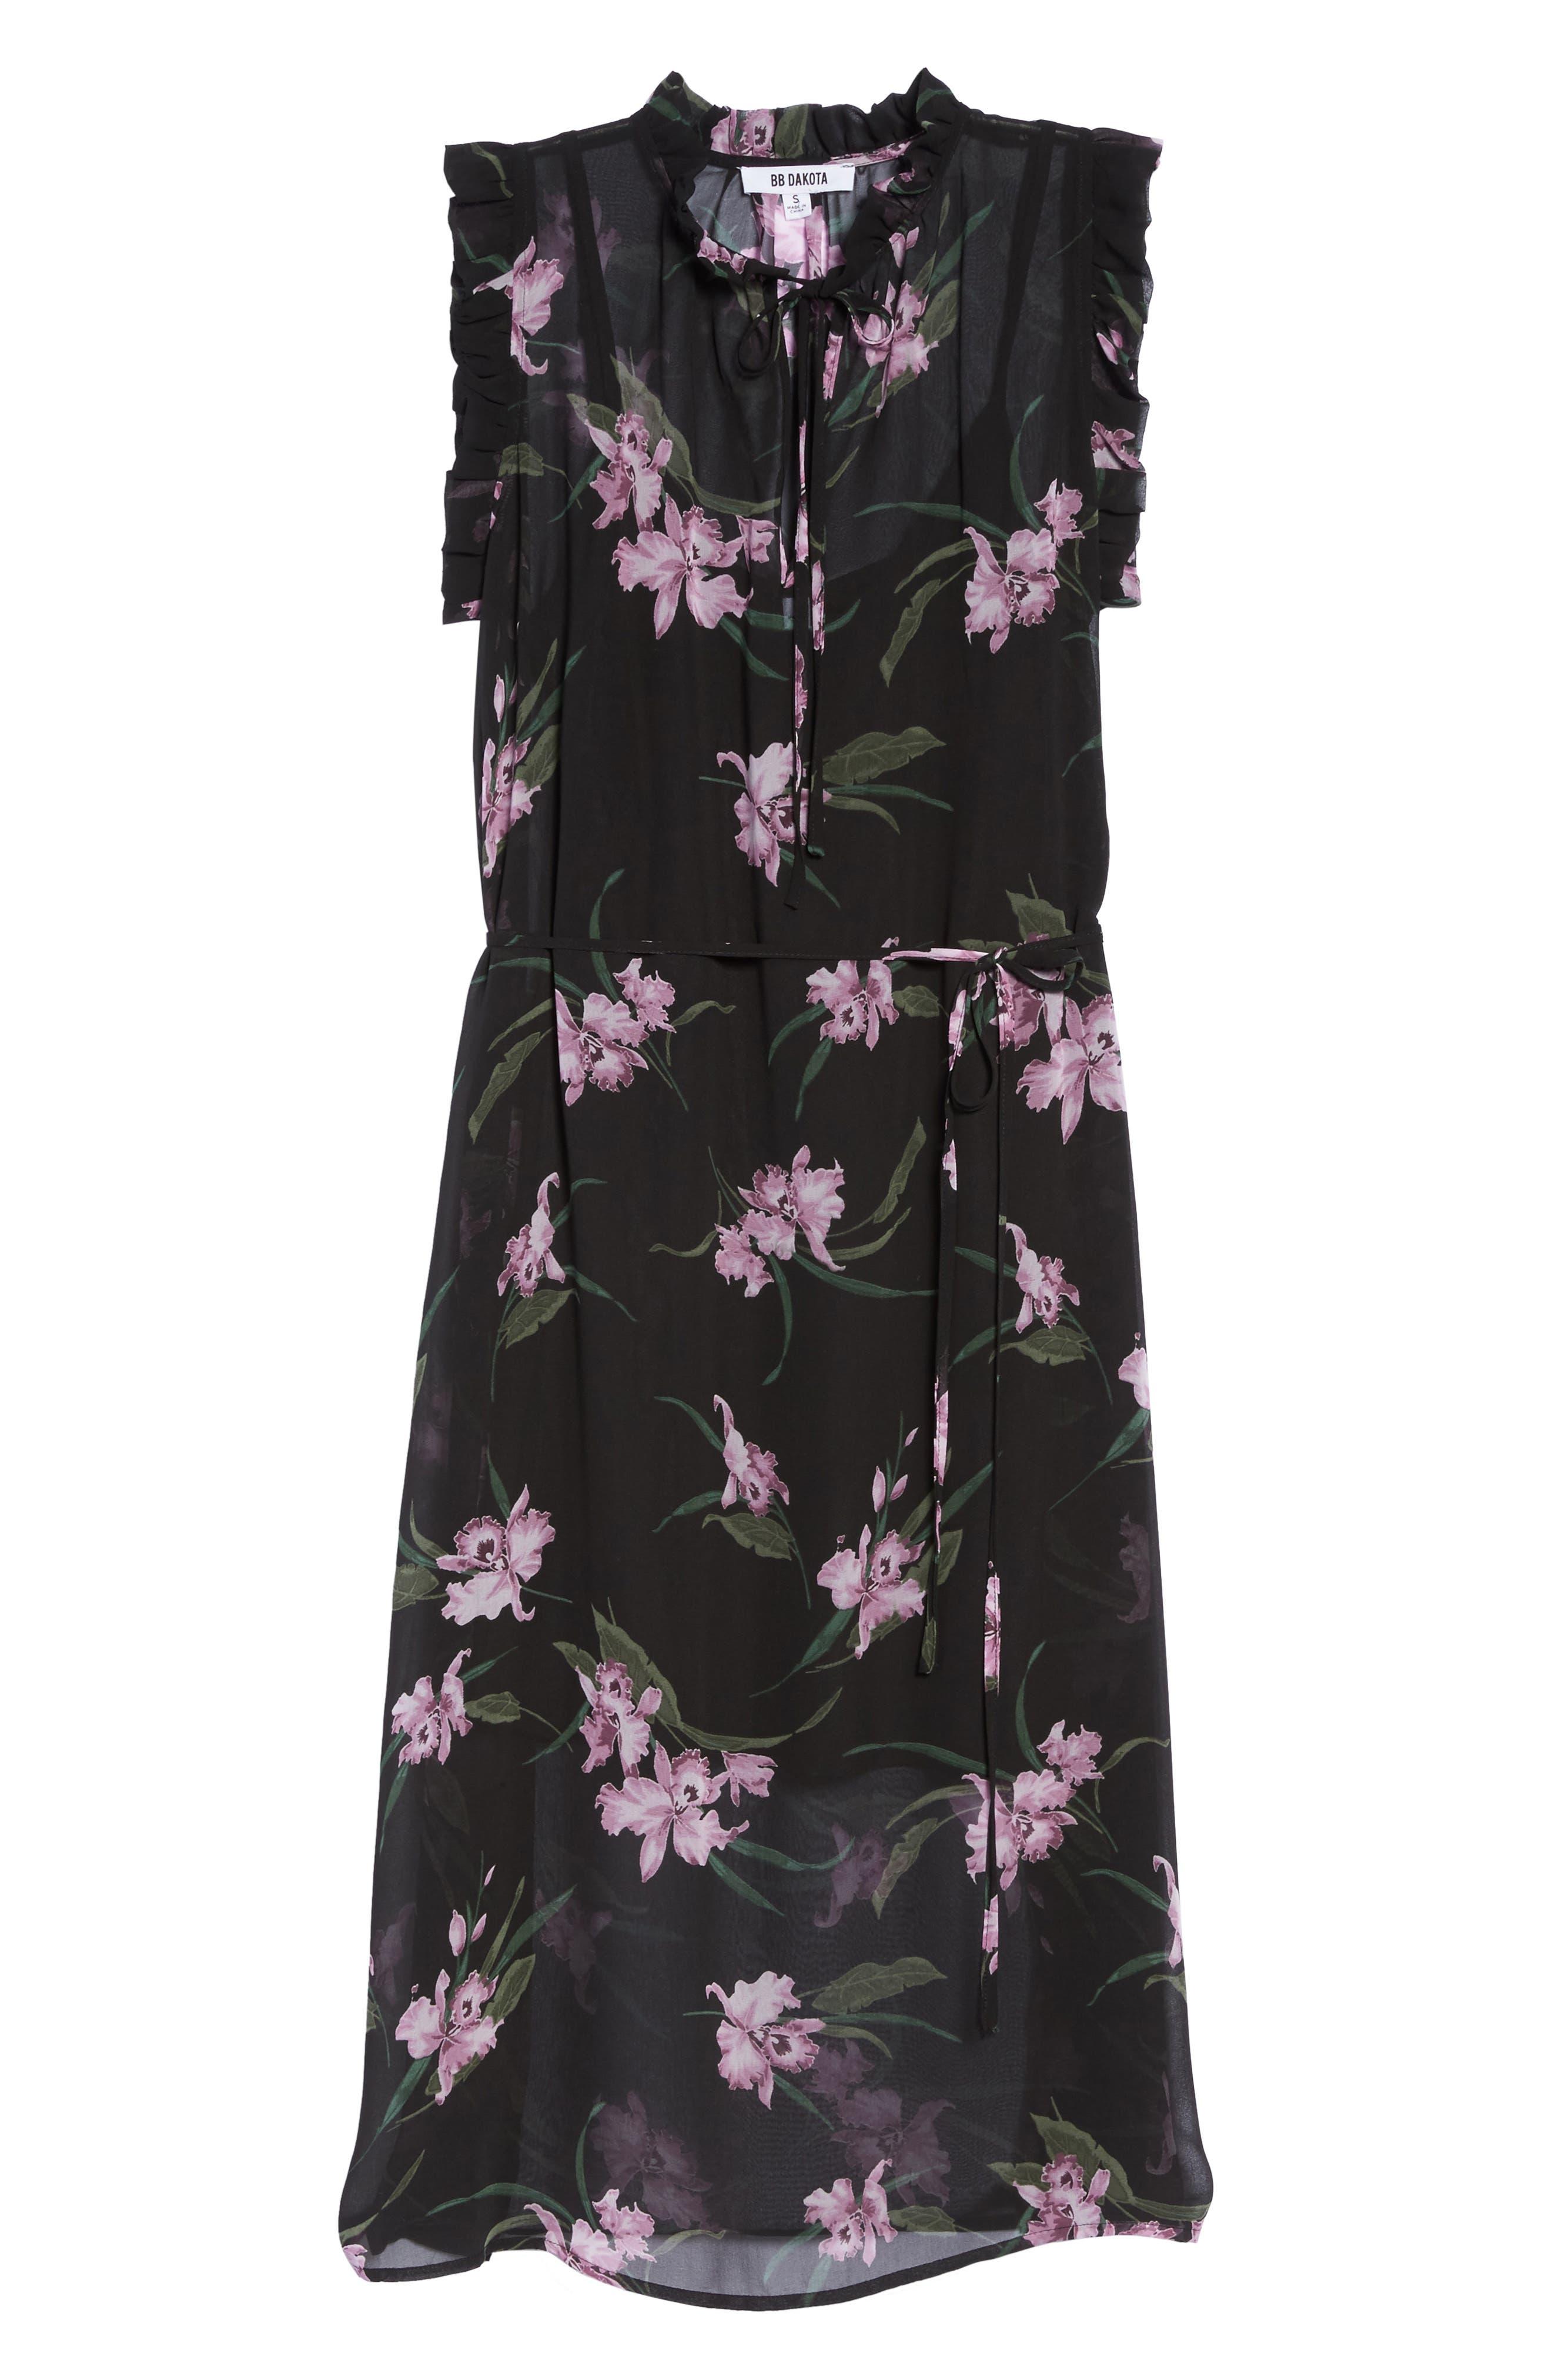 Sarah High Neck Dress,                             Alternate thumbnail 6, color,                             001